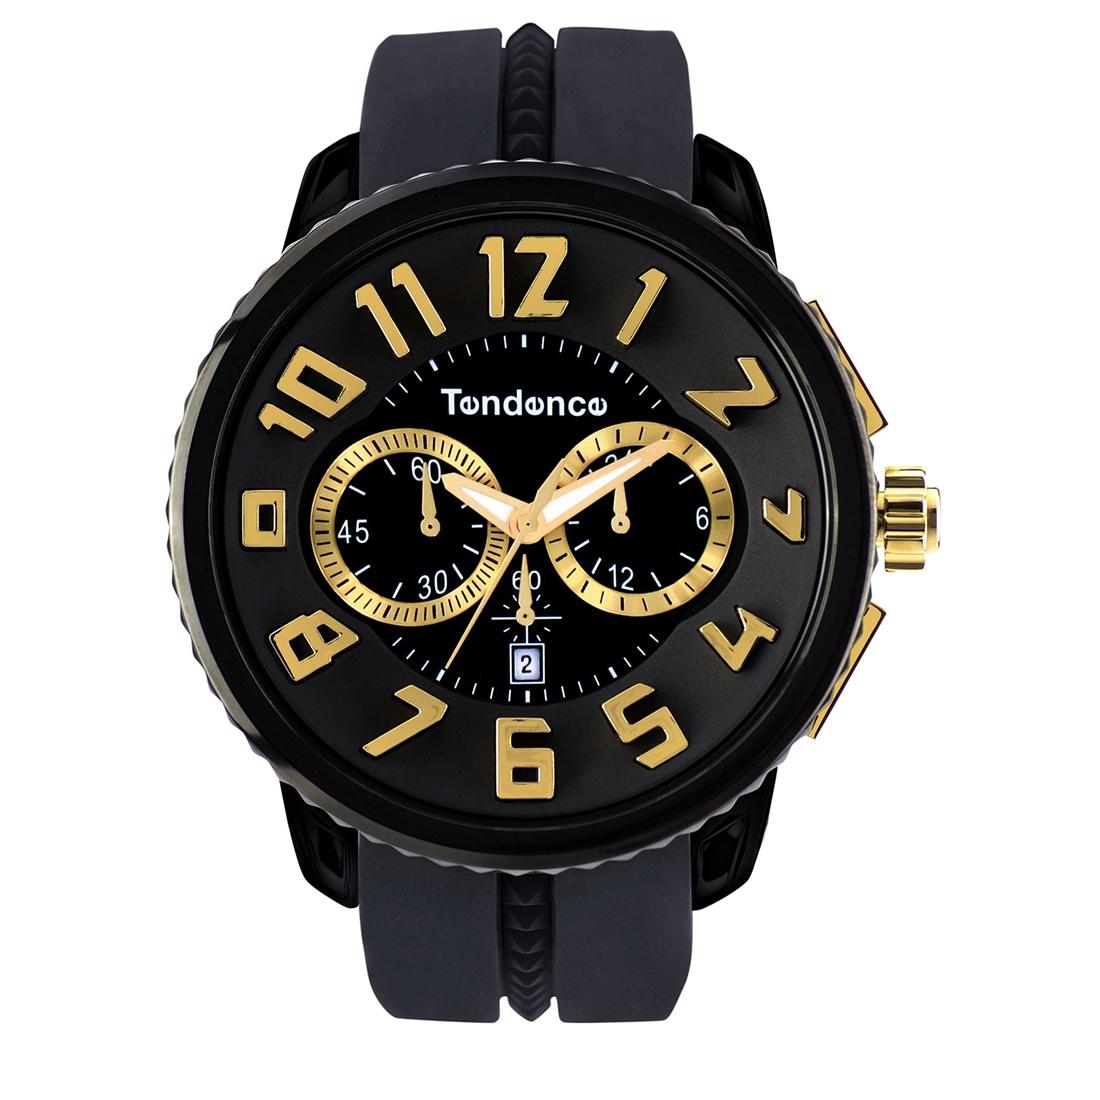 【今ならオーバーサイズノートプレゼント】 テンデンス Tendence TG460011 ガリバー ラウンド クロノグラフ 正規品 腕時計